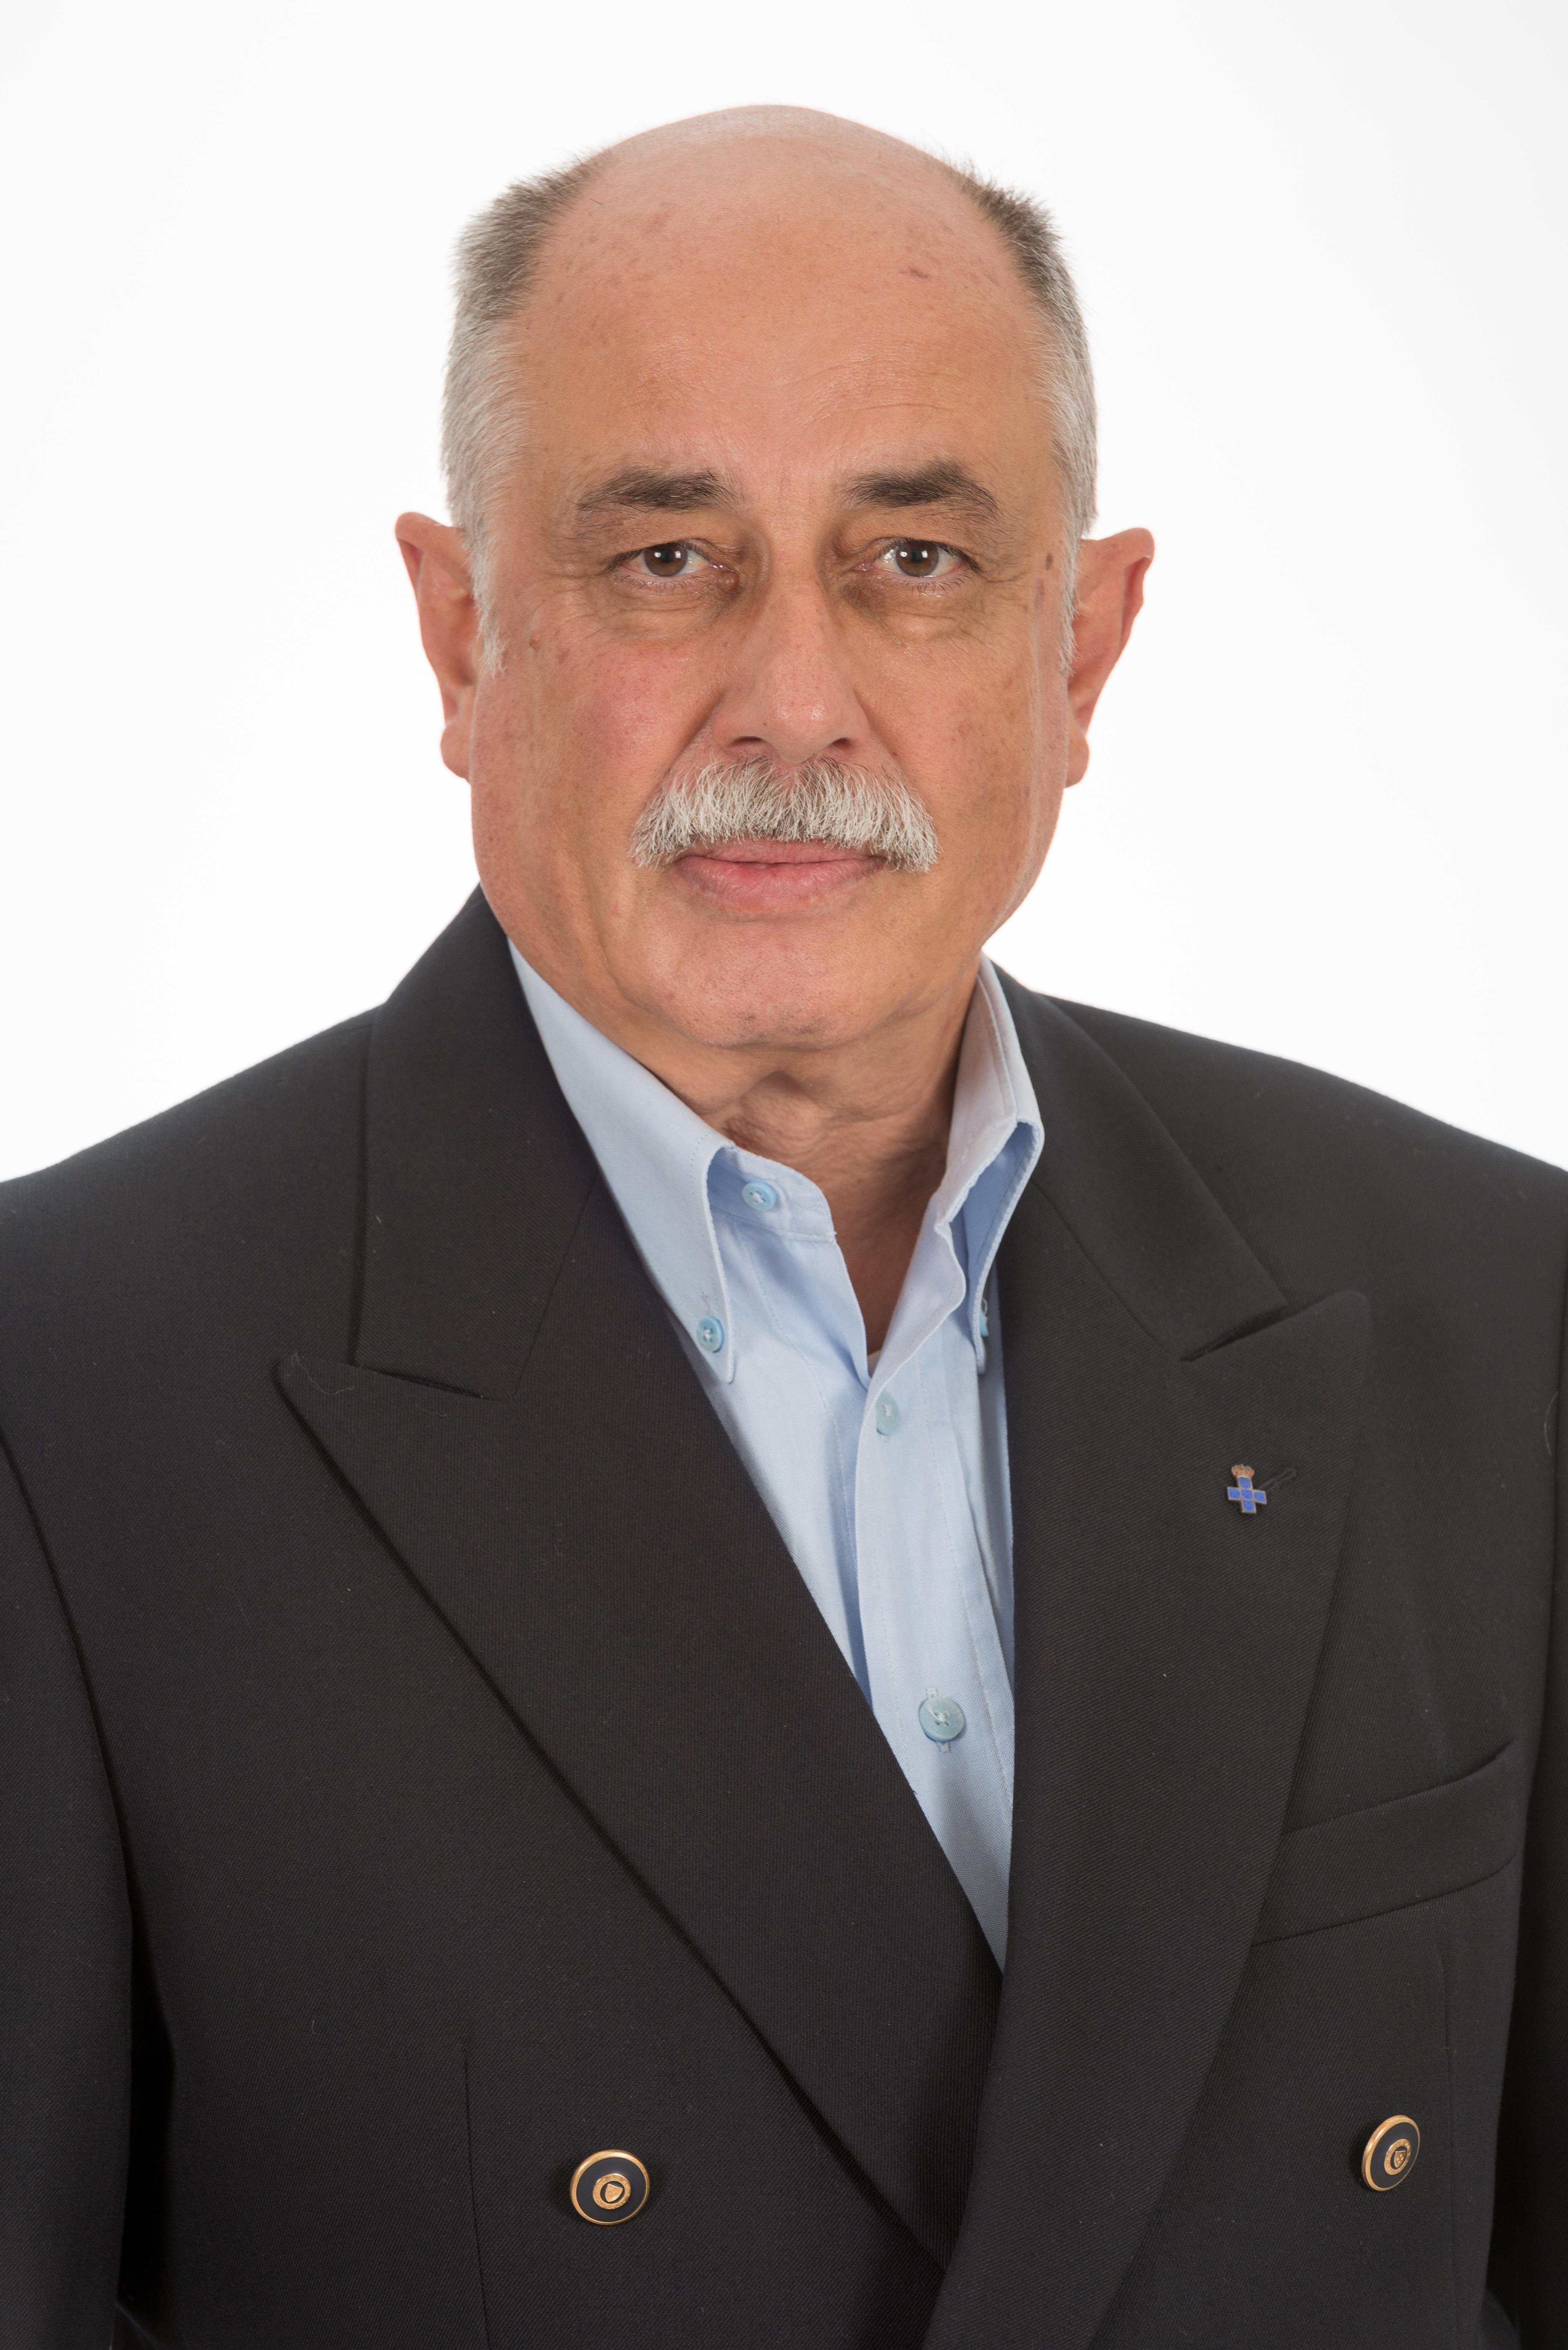 Manuel Guerreiro